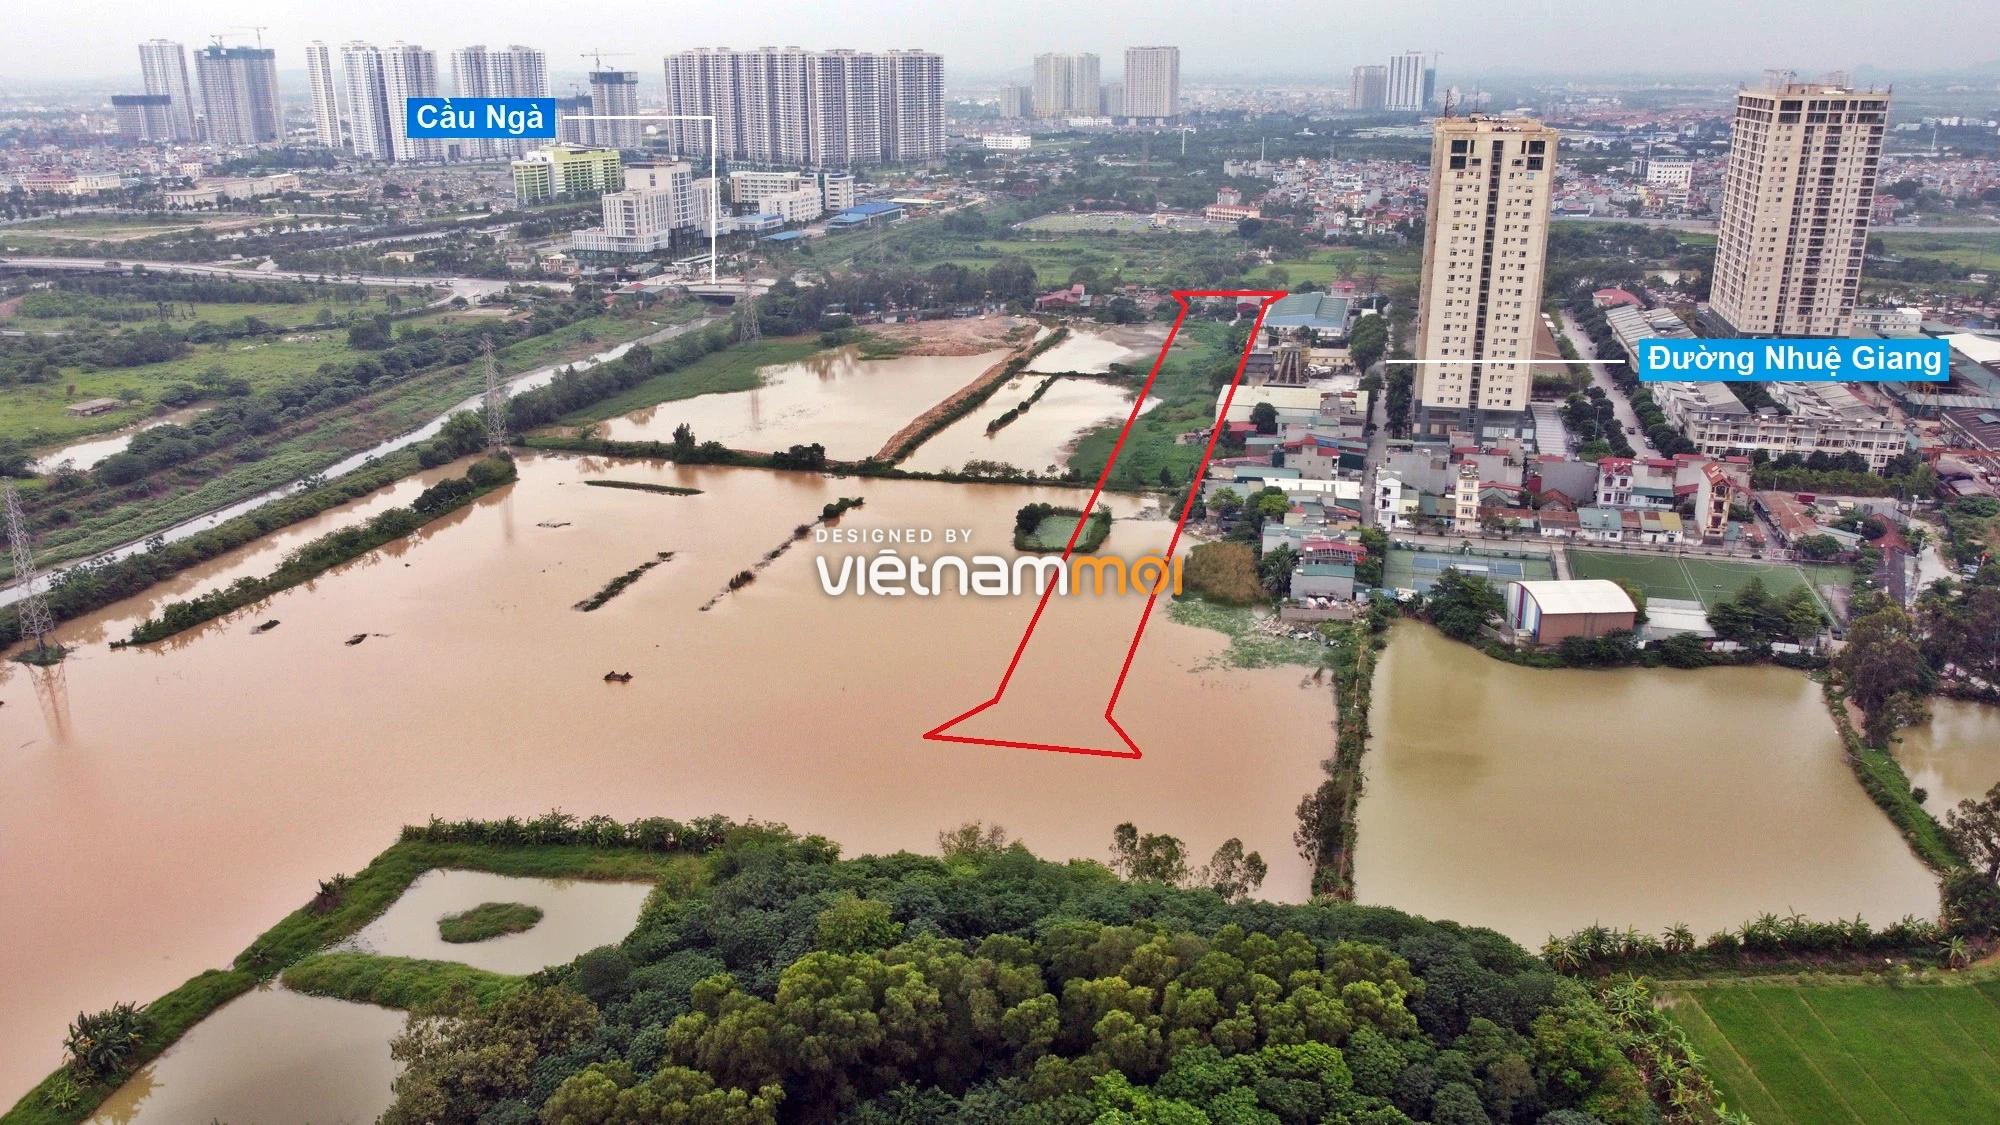 Những khu đất sắp thu hồi để mở đường ở phường Tây Mỗ, Nam Từ Liêm, Hà Nội (phần 2) - Ảnh 5.